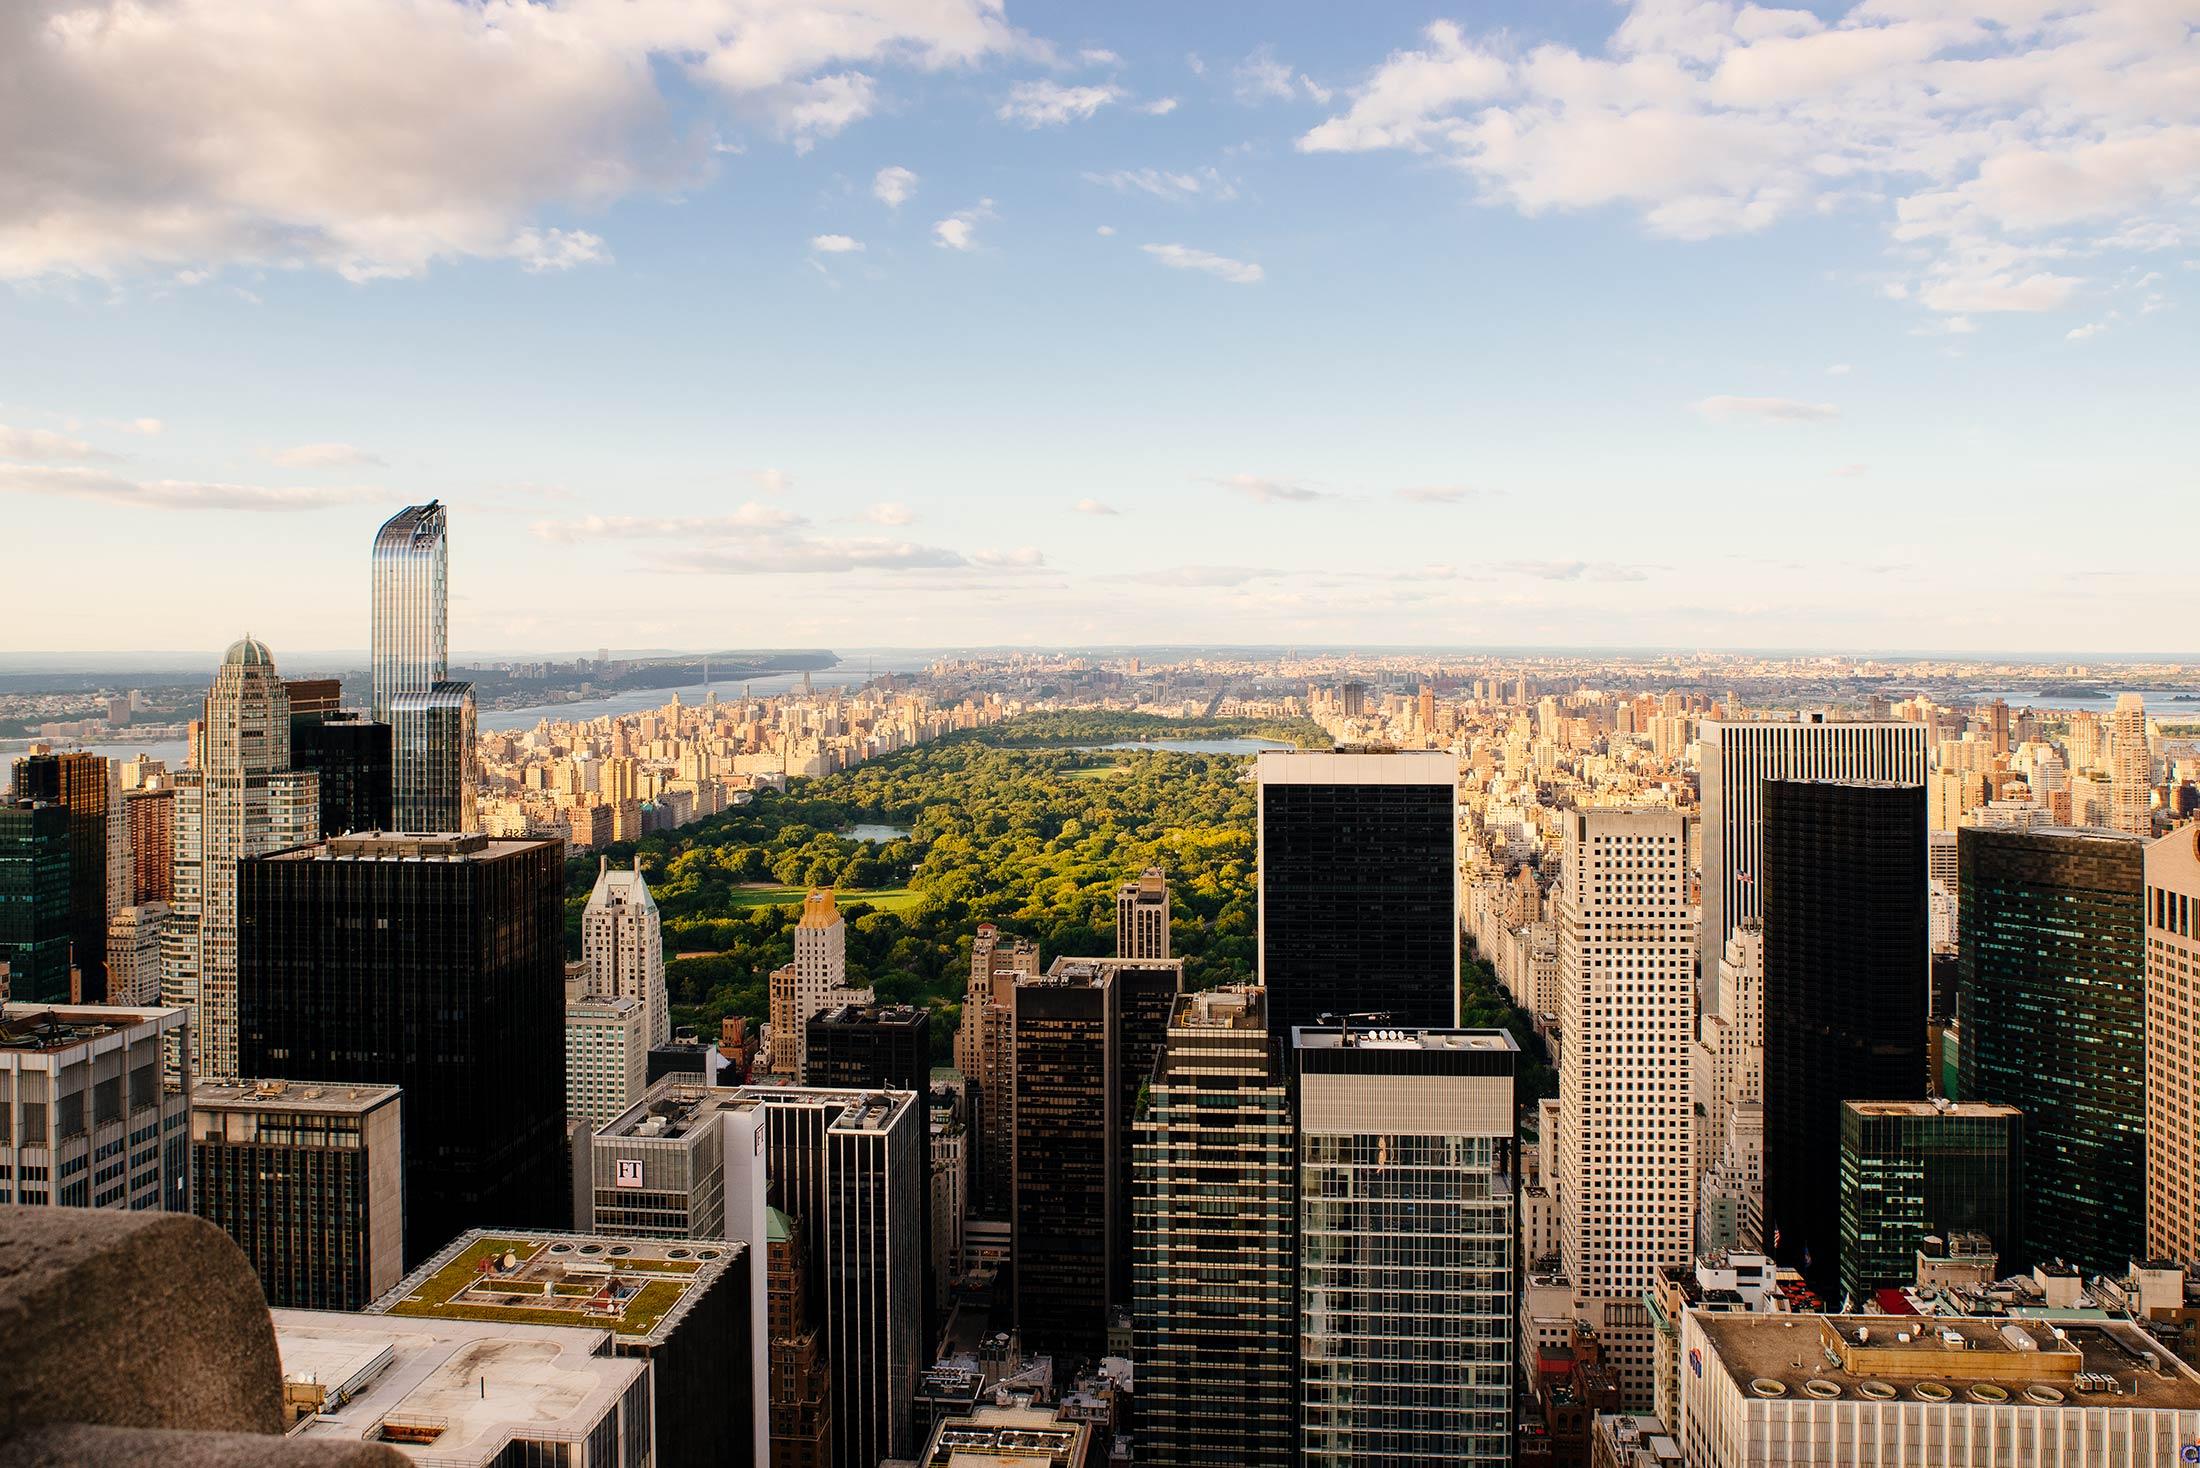 NYC_NewYorkCity_14-Mitja_Schneehage